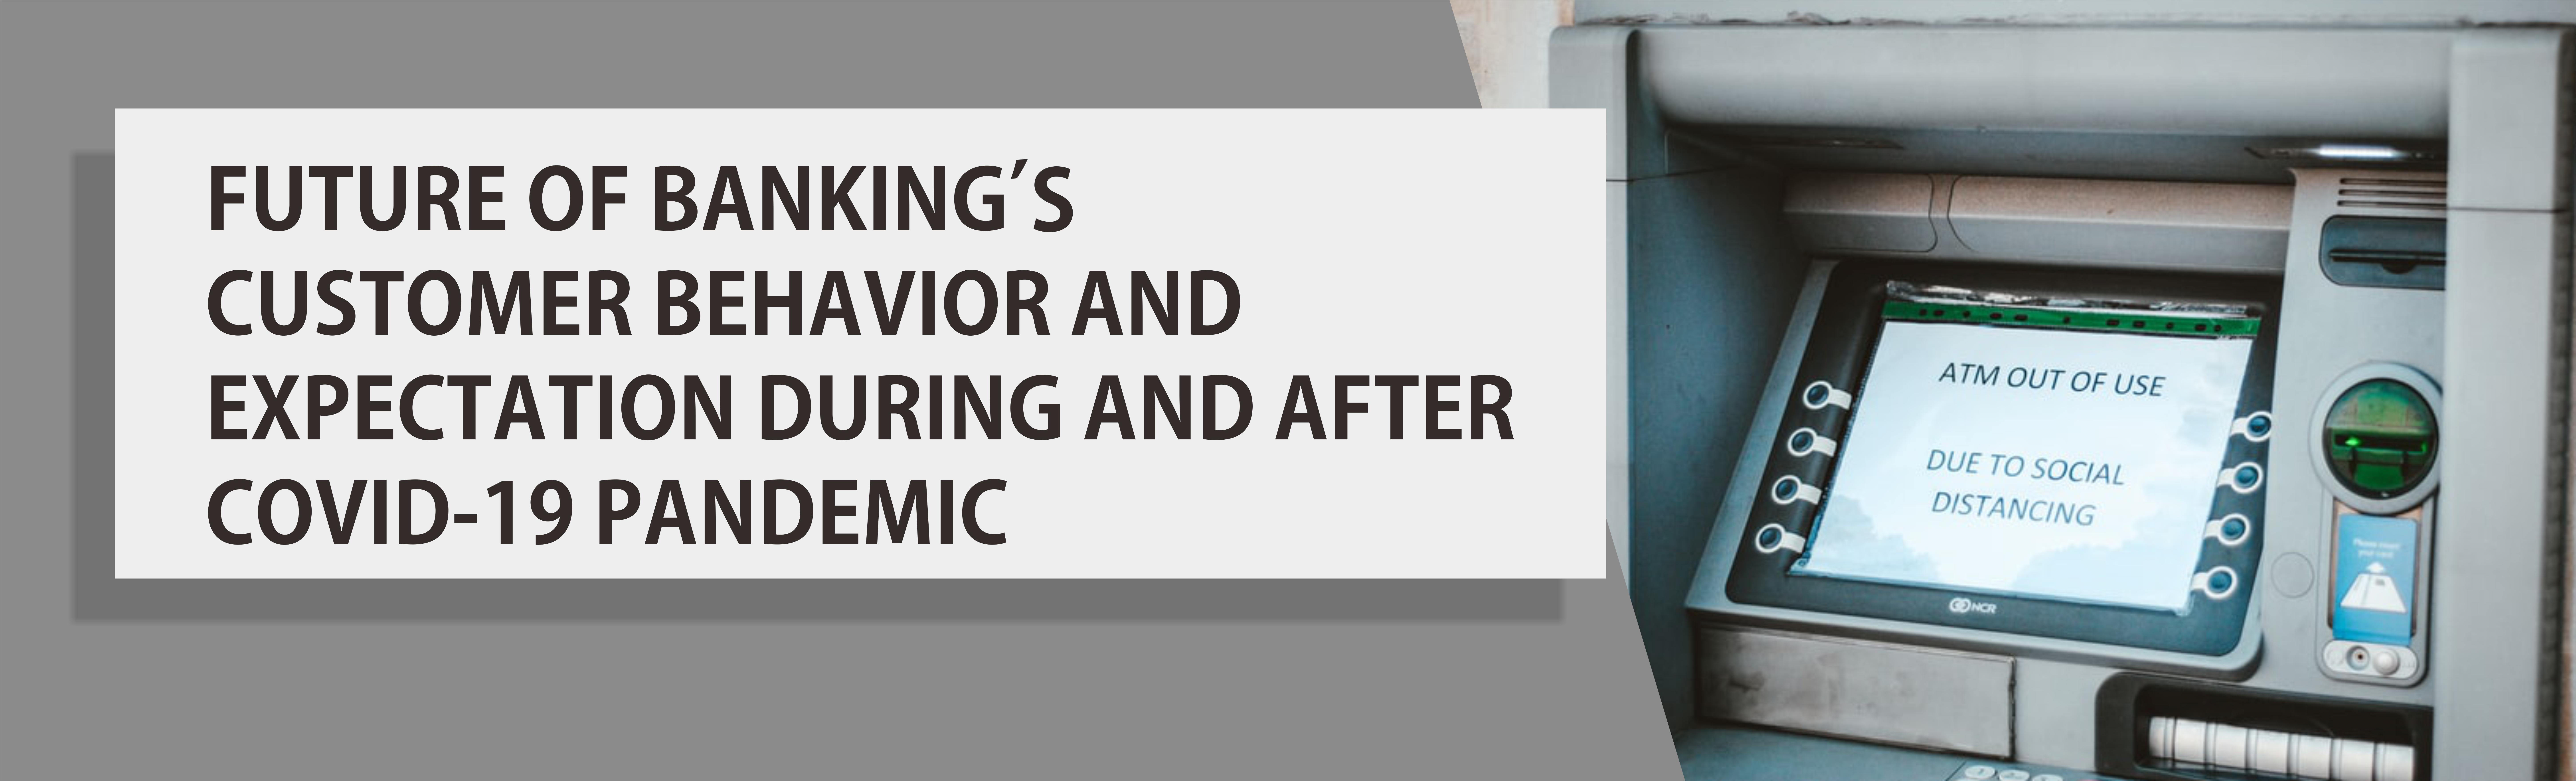 Customer Behavior in Banking